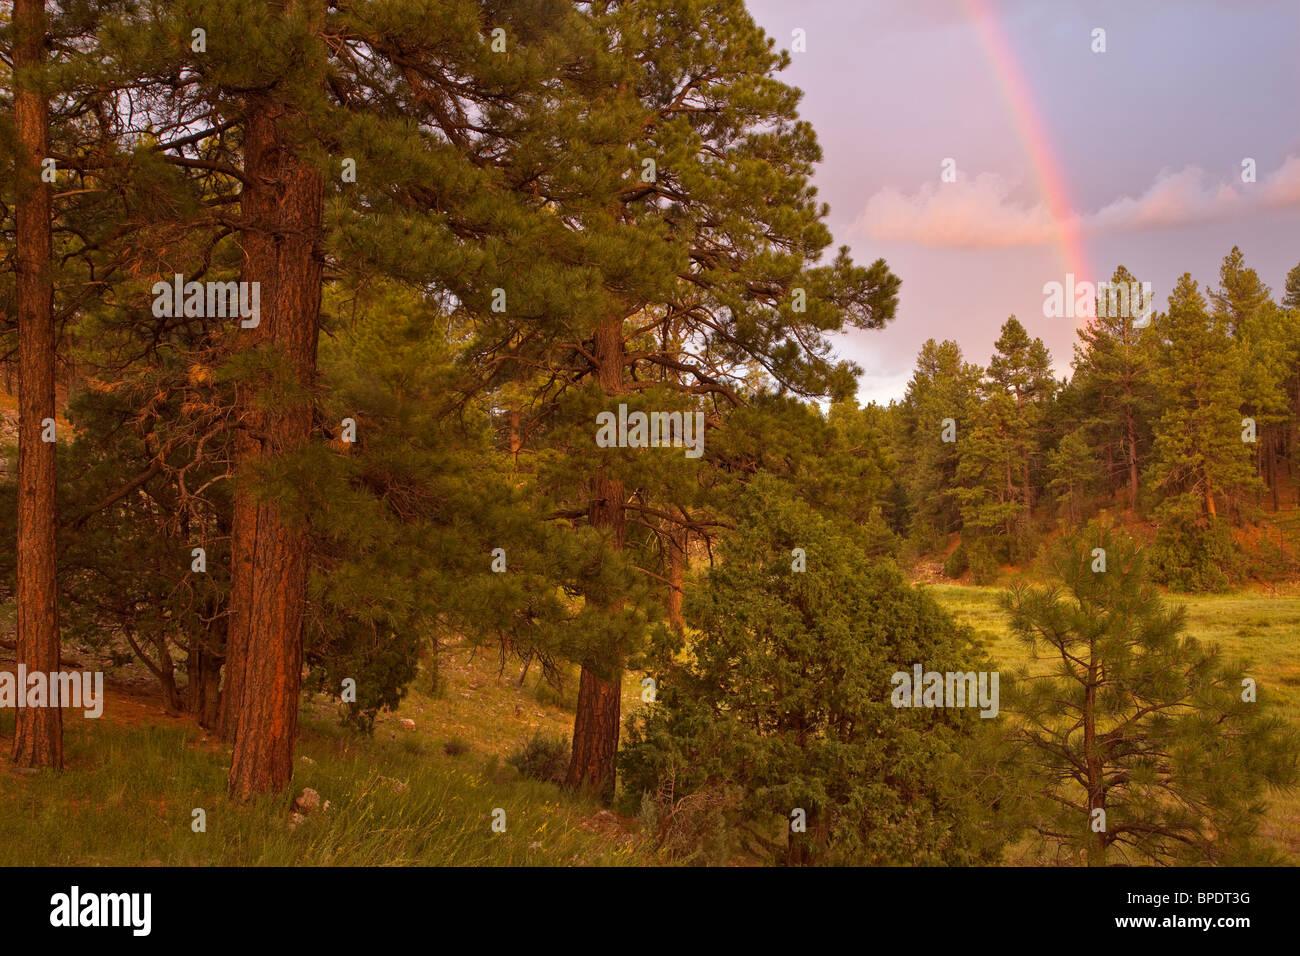 Regenbogen nach Sommer-Gewitter über Ponderosa Pine Forest in Fay Canyon Gebiet, Coconino National Forest, Flagstaff, Arizona Stockfoto